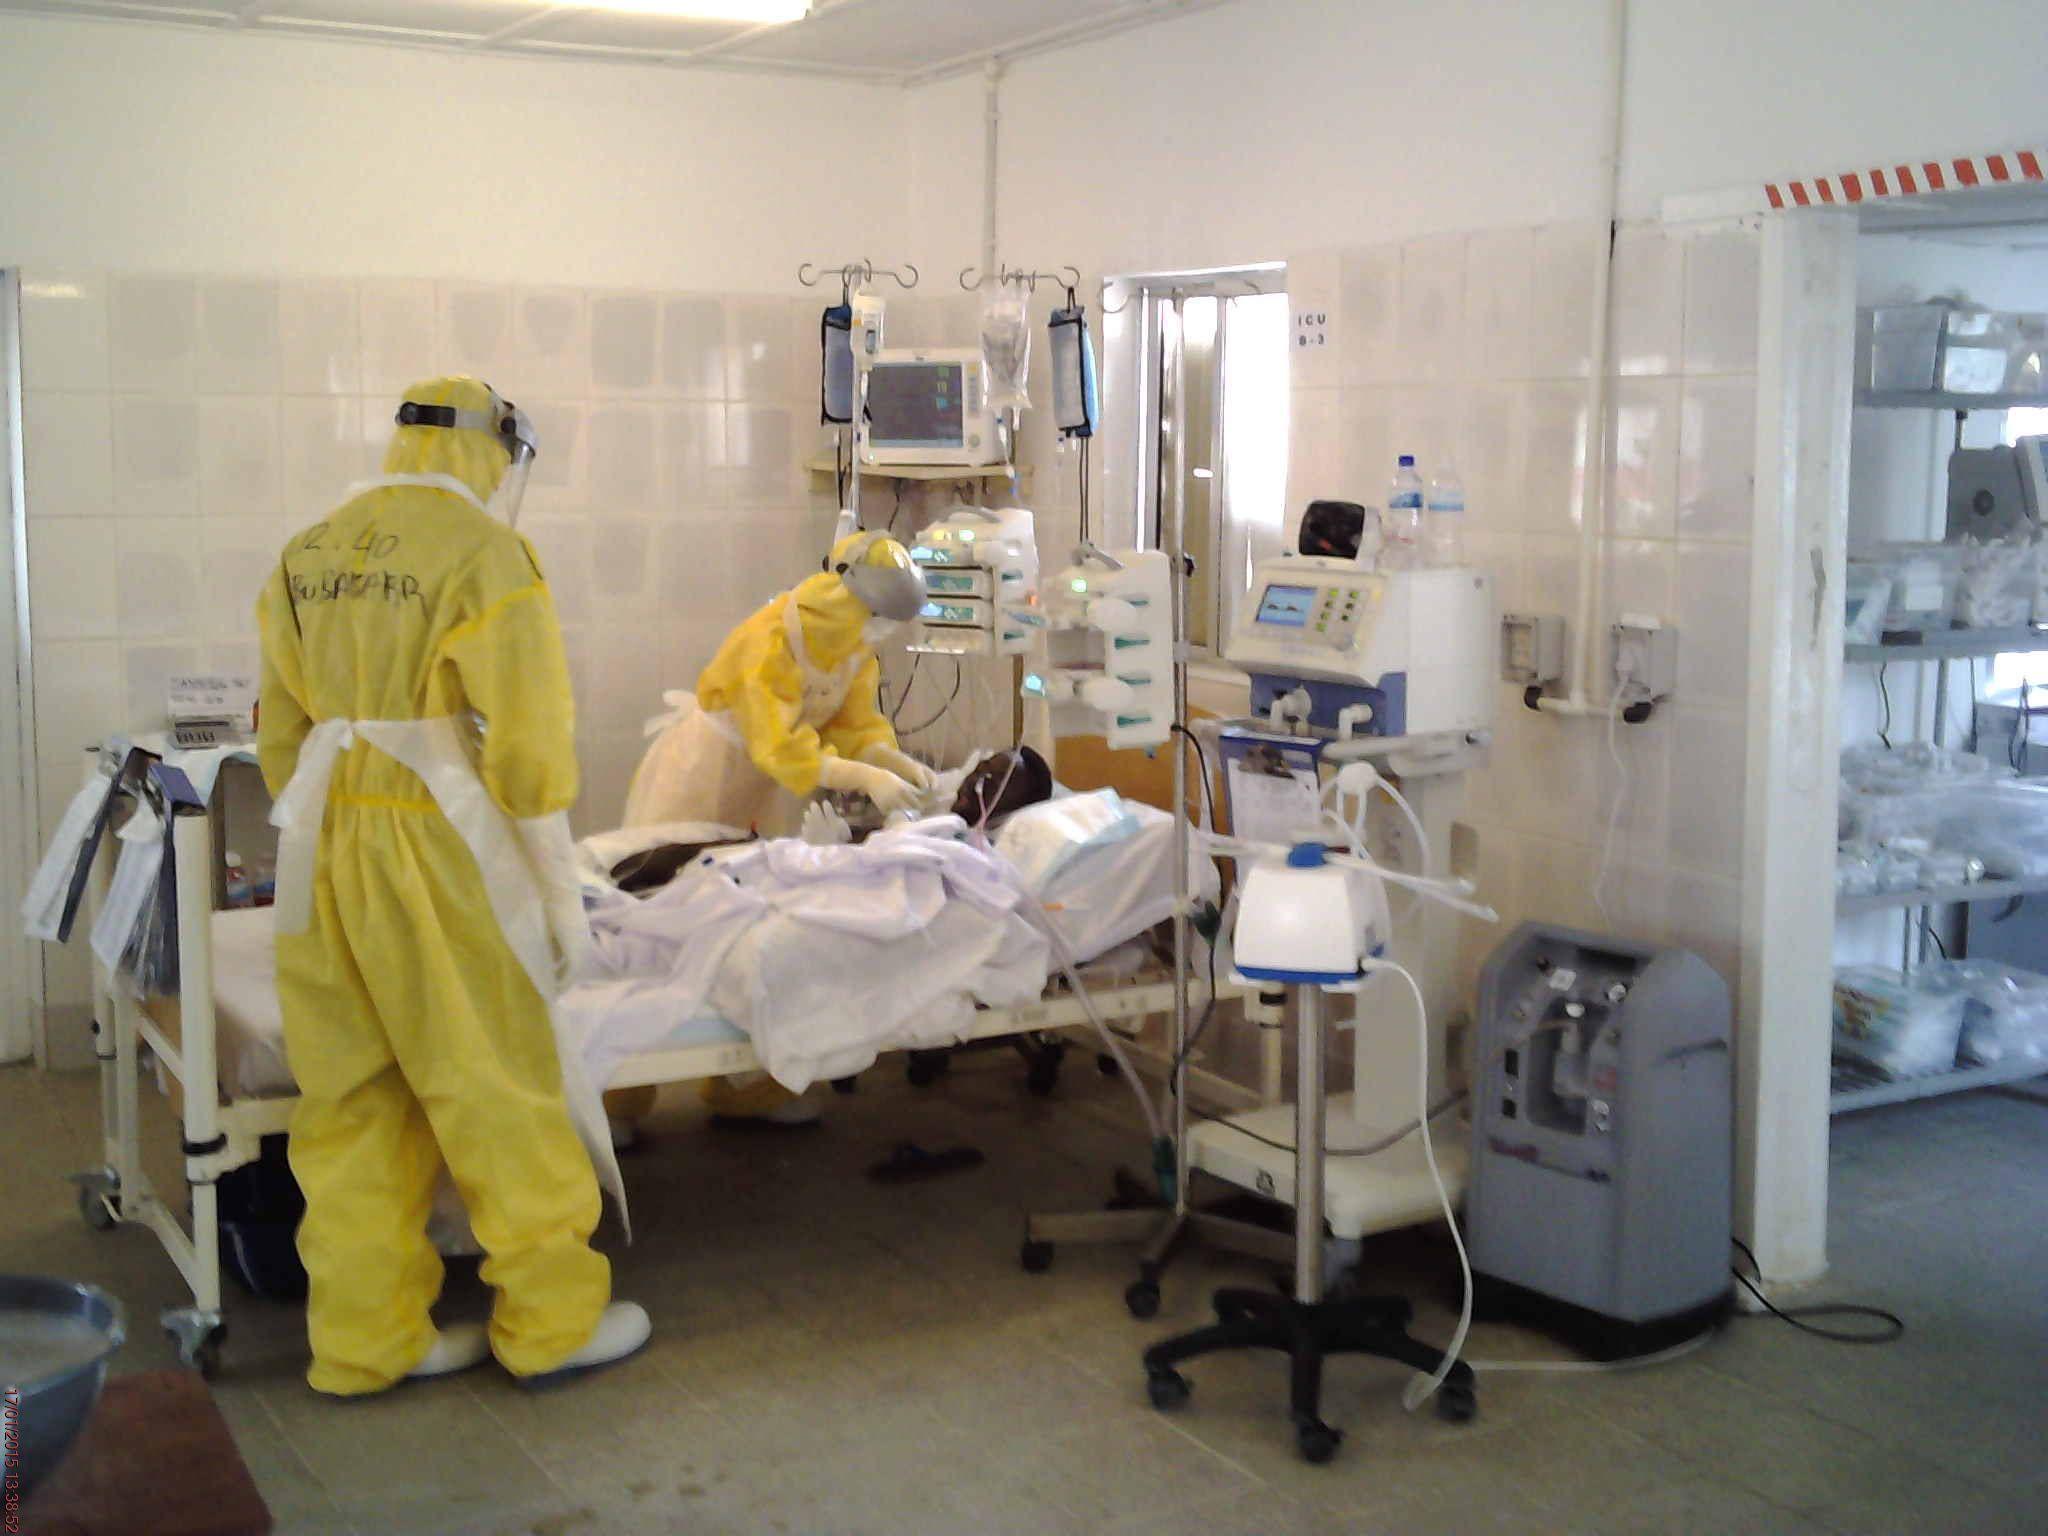 2015년 에볼라 바이러스 확산을 막기 위해 아프리카 시에라리온에 파견된 국내 긴급구호대 대원들이 에볼라 환자를 치료하고 있다. [사진 외교부]